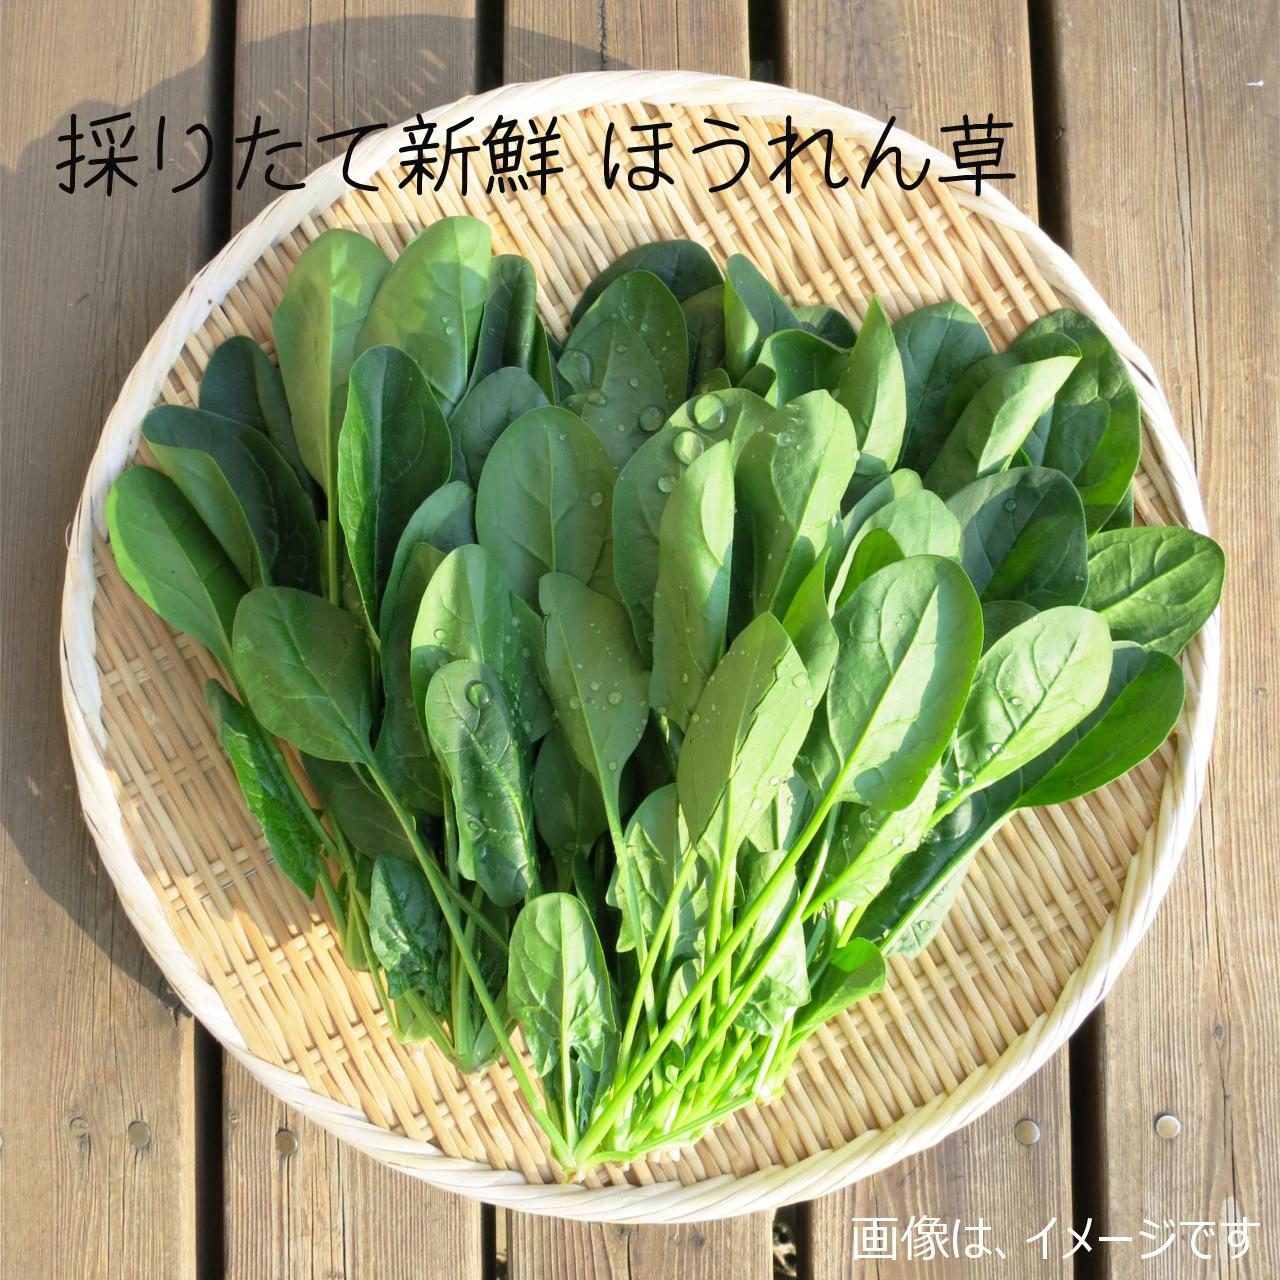 4月の朝採り直売野菜 ホウレンソウ 約400g 4月25日発送予定